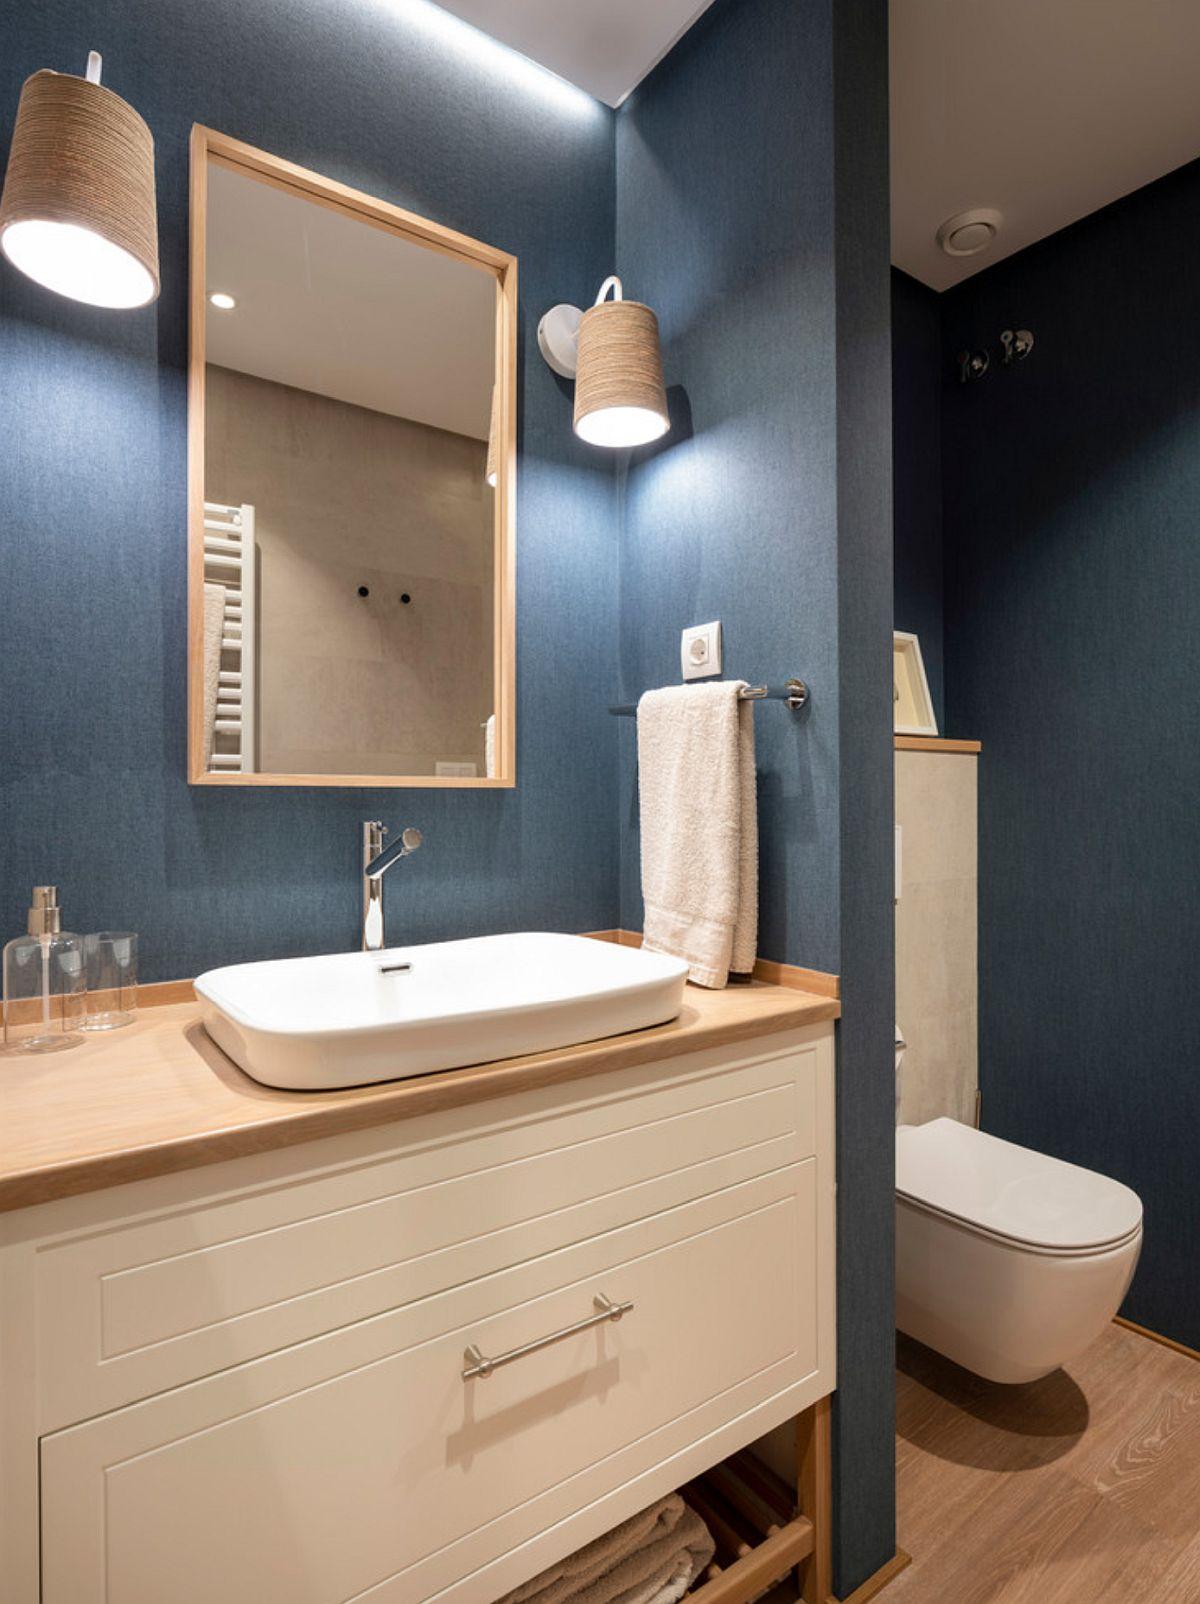 Zona vasului de tolealetă este parțial separat prin interdiul unui zid, care de o parte și de alta asigură loc perfect pentru accesoriile de baie.